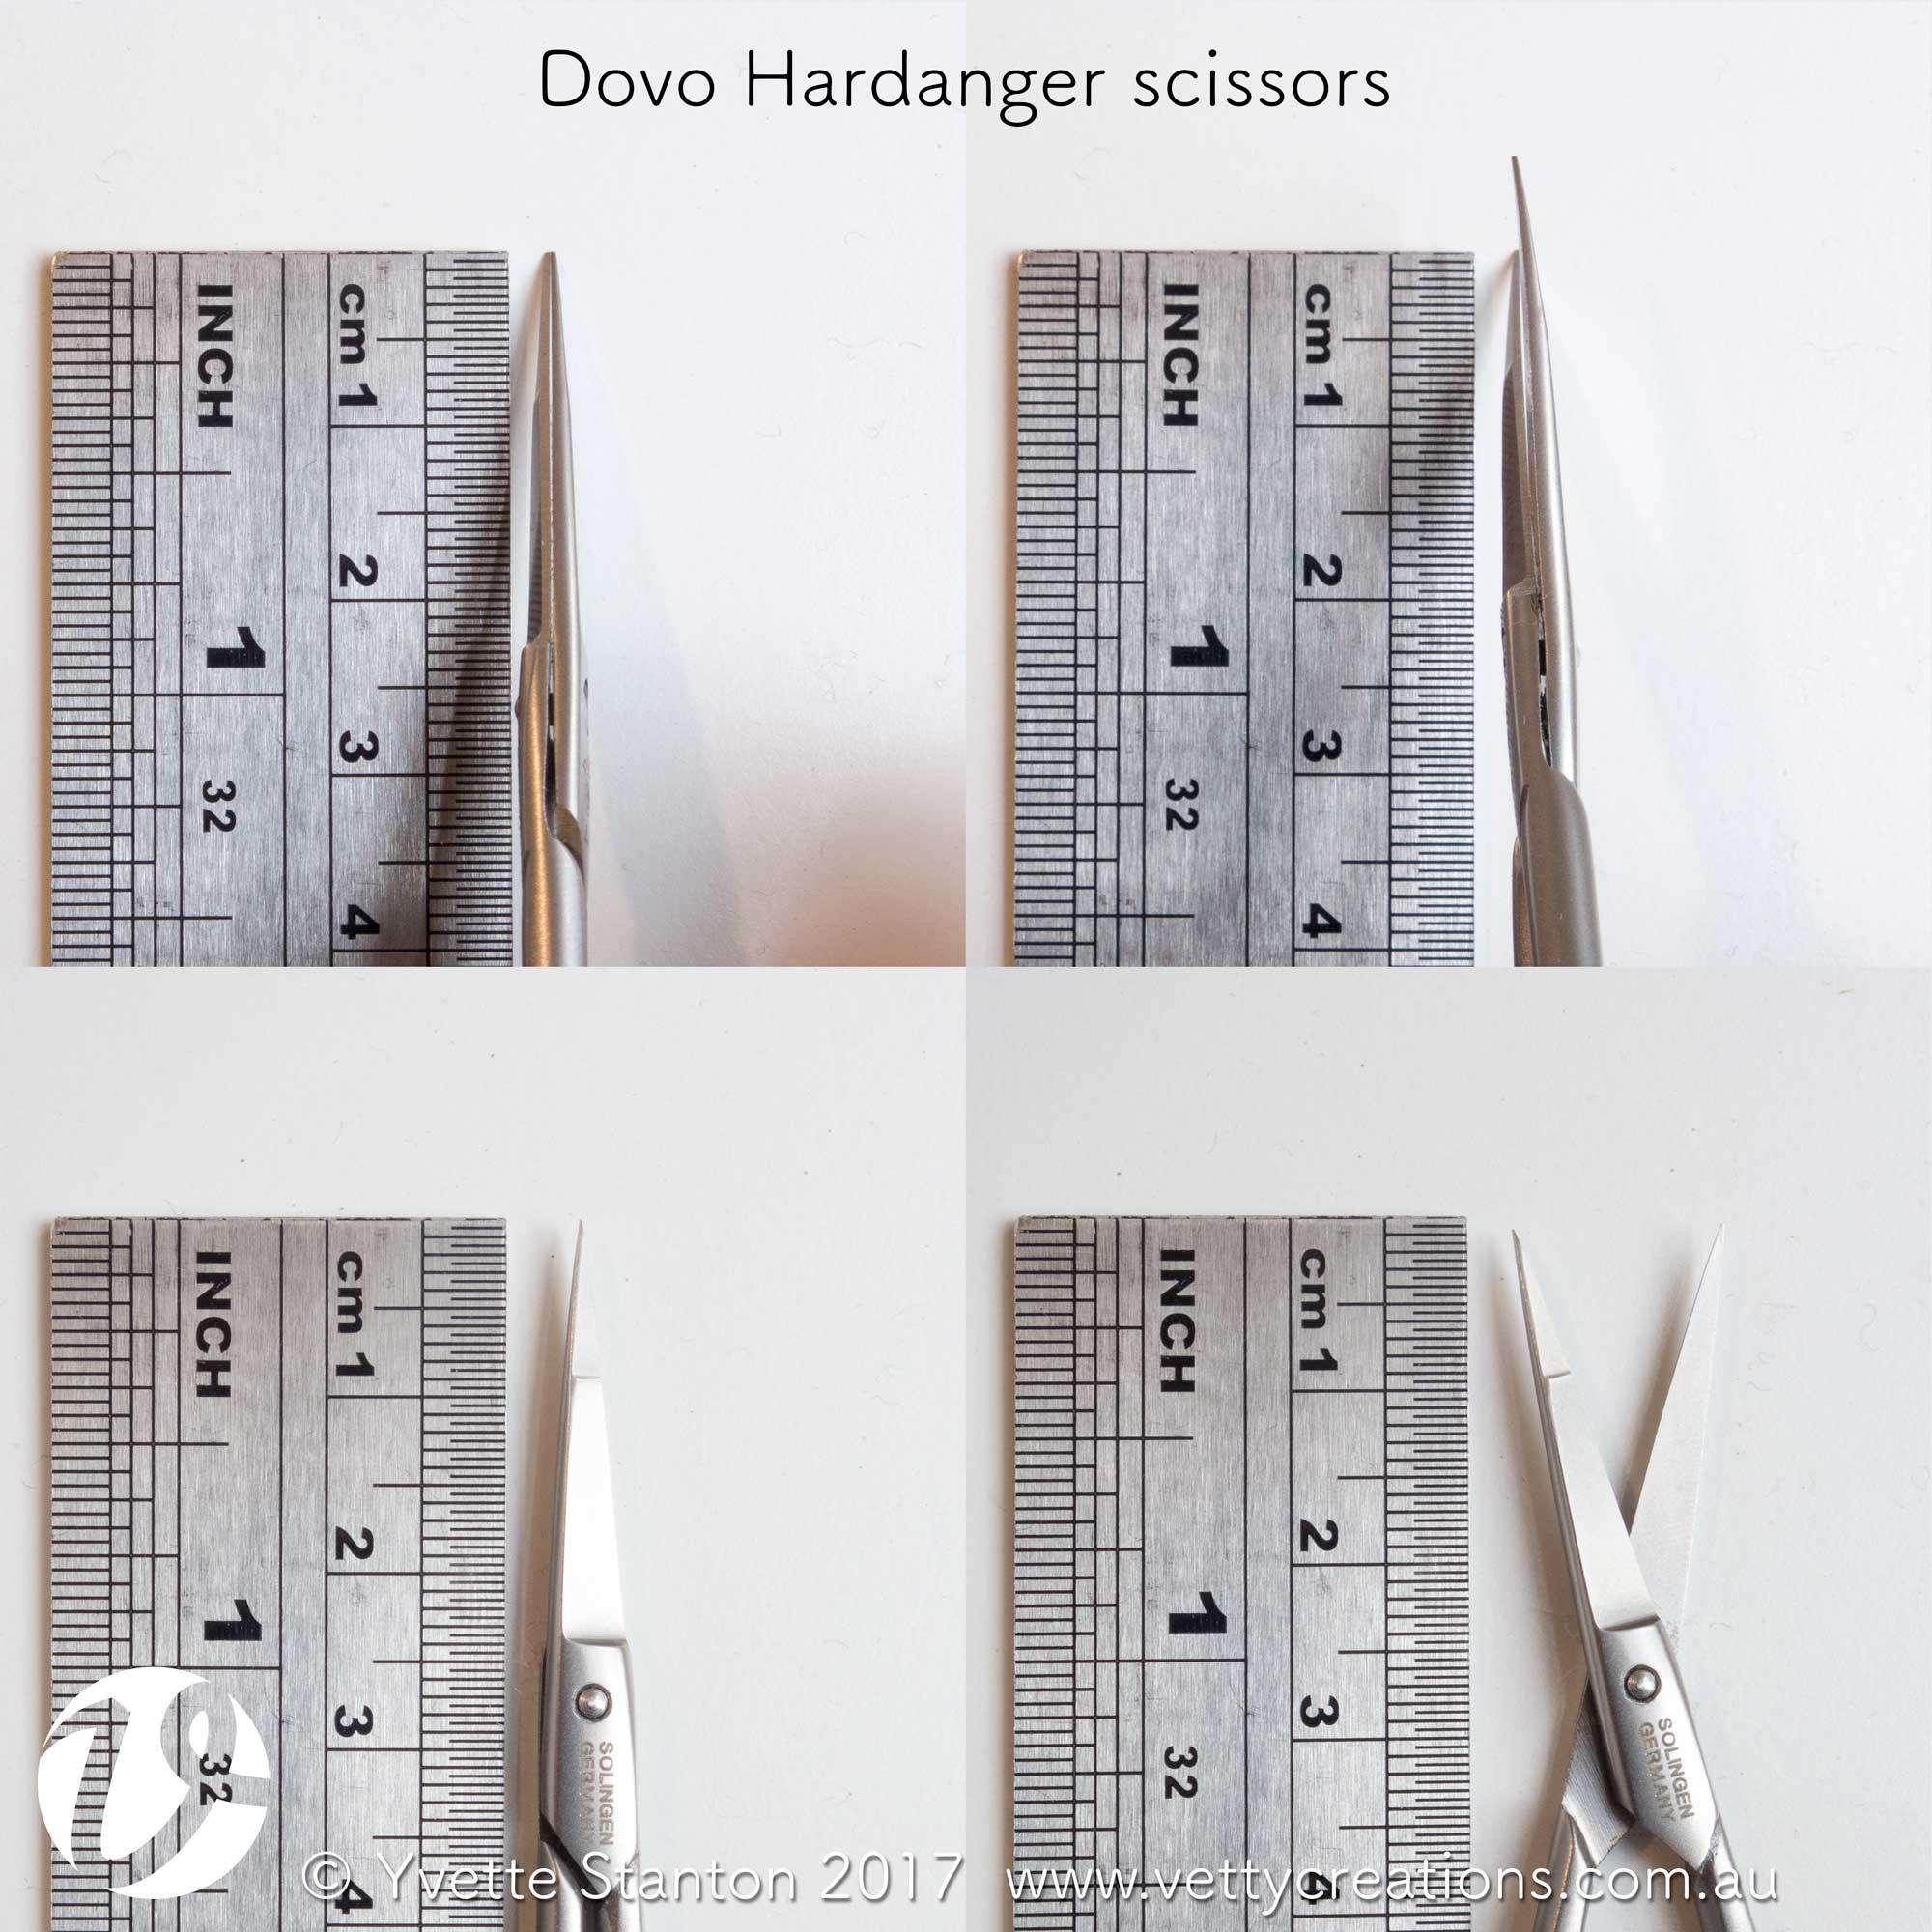 Dovo Hardanger scissors